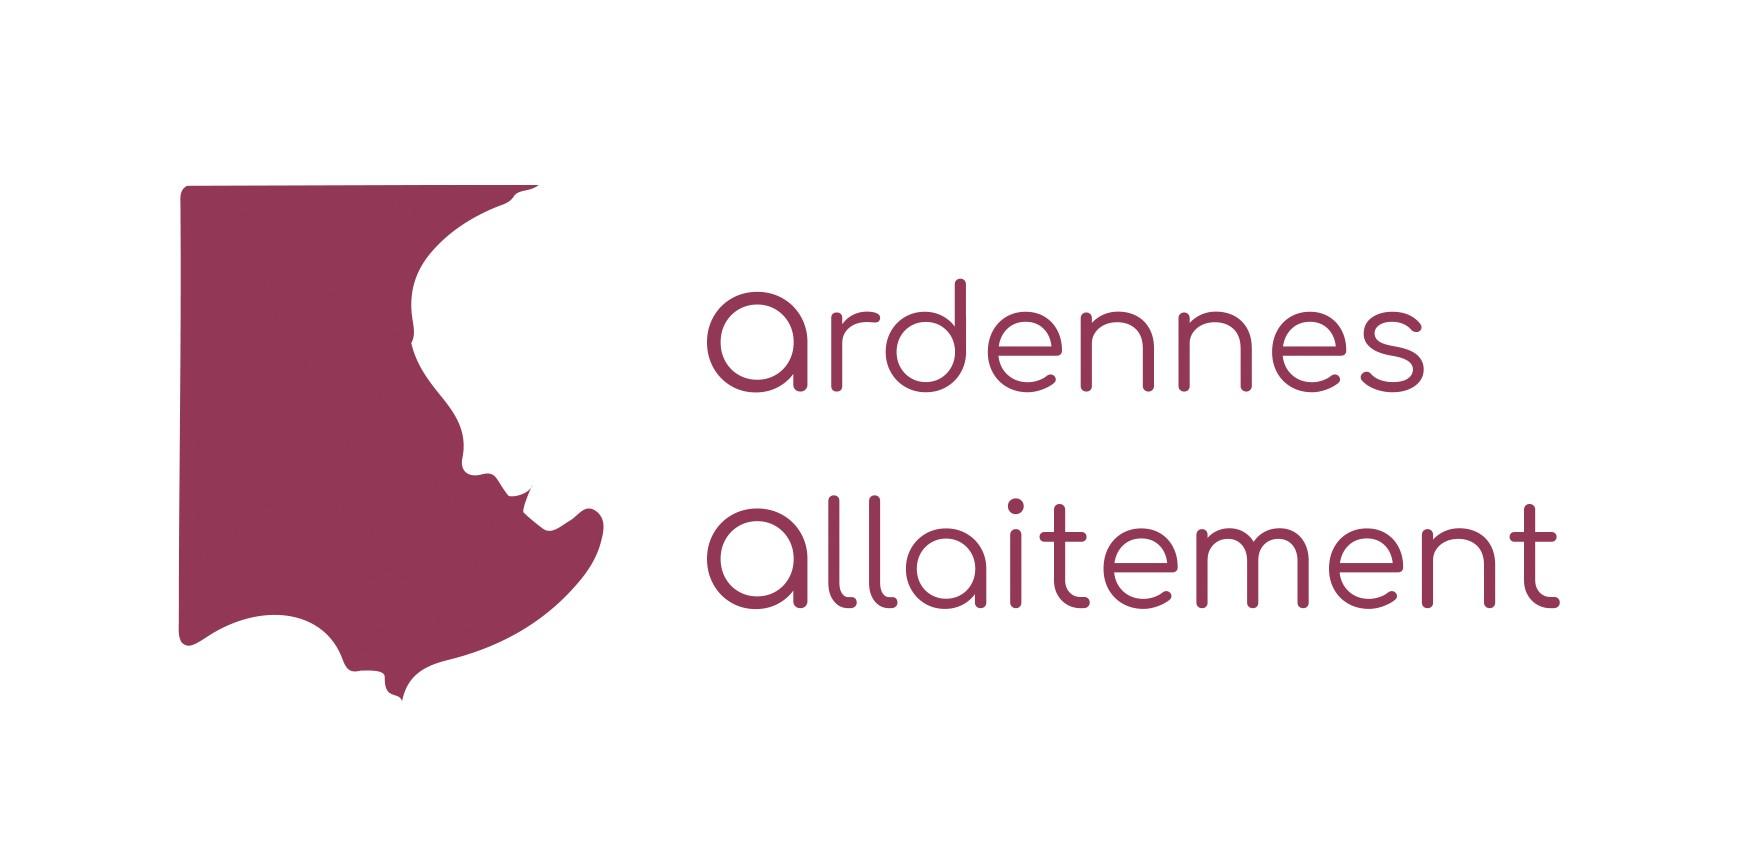 Ardennes Allaitement